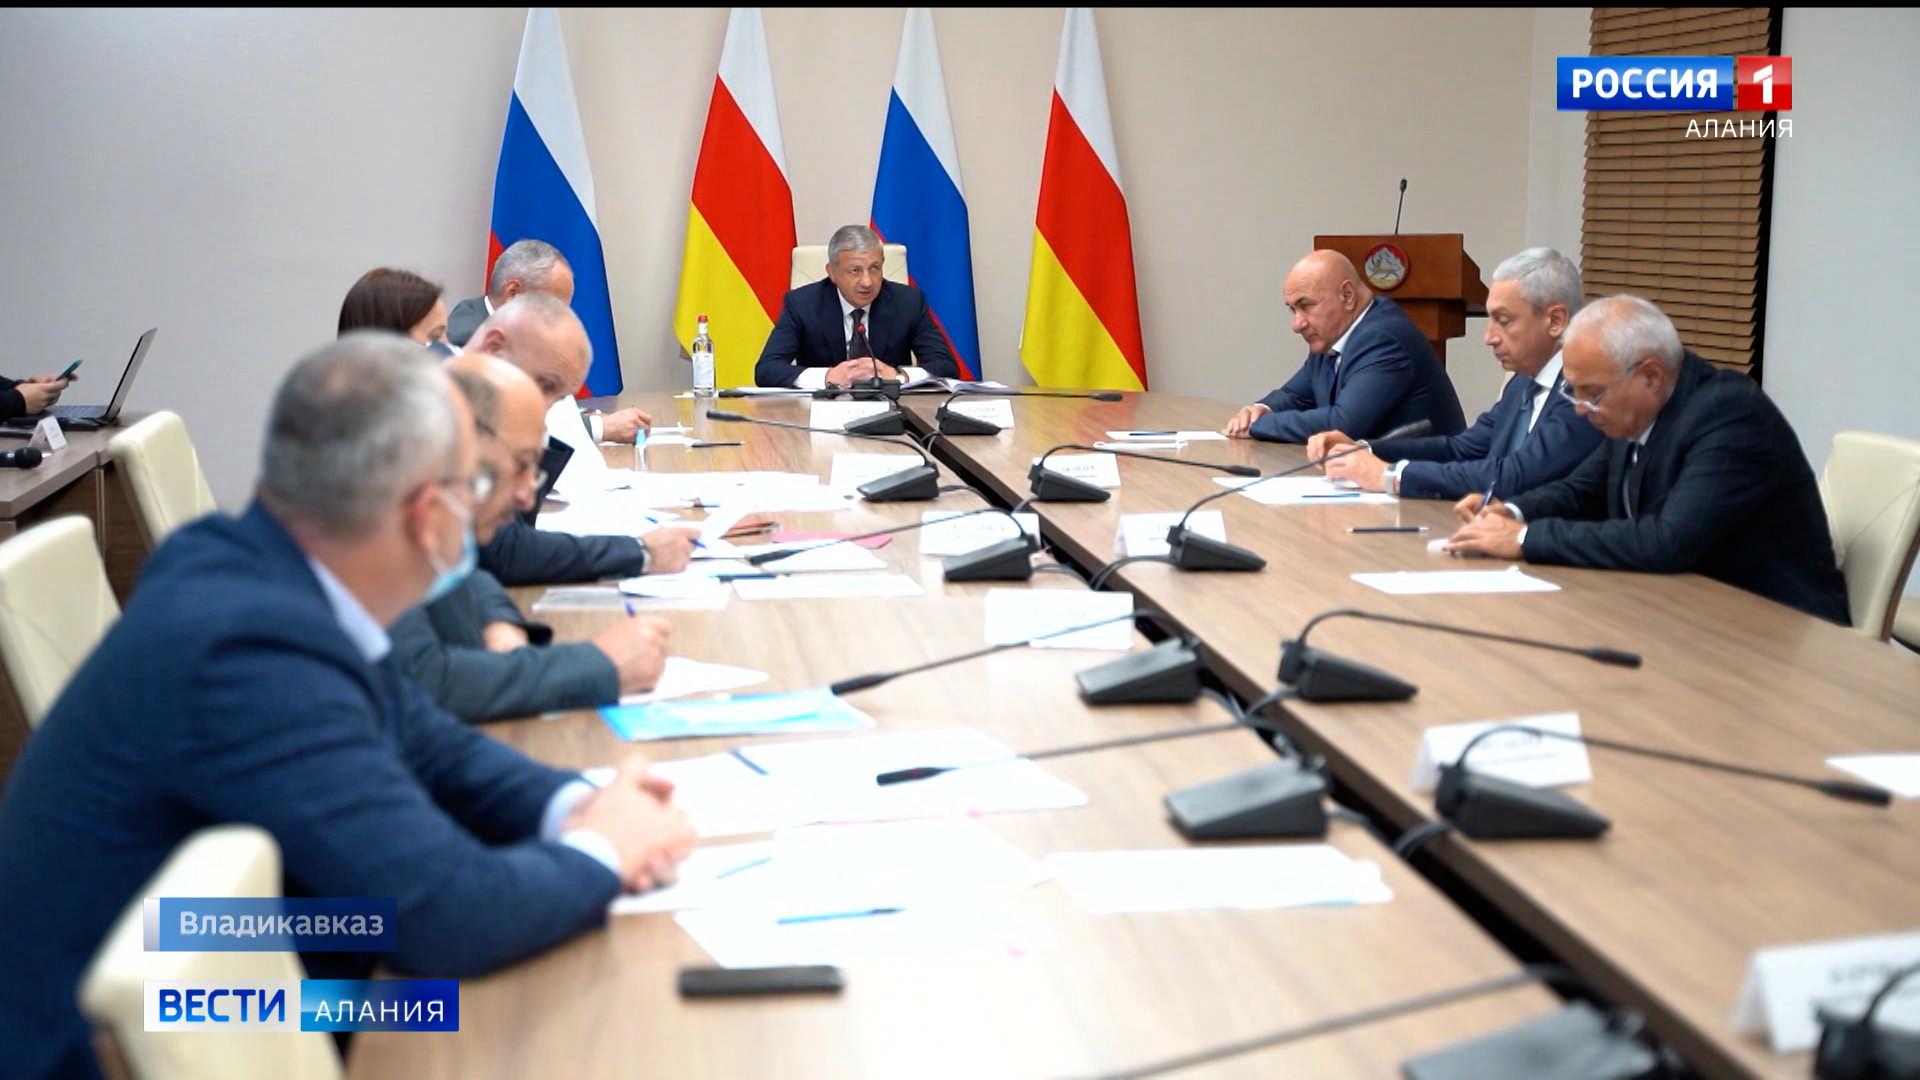 Вячеслав Битаров призвал усилить контроль за исполнением противоэпидемических мер, связанных с распространением COVID-19